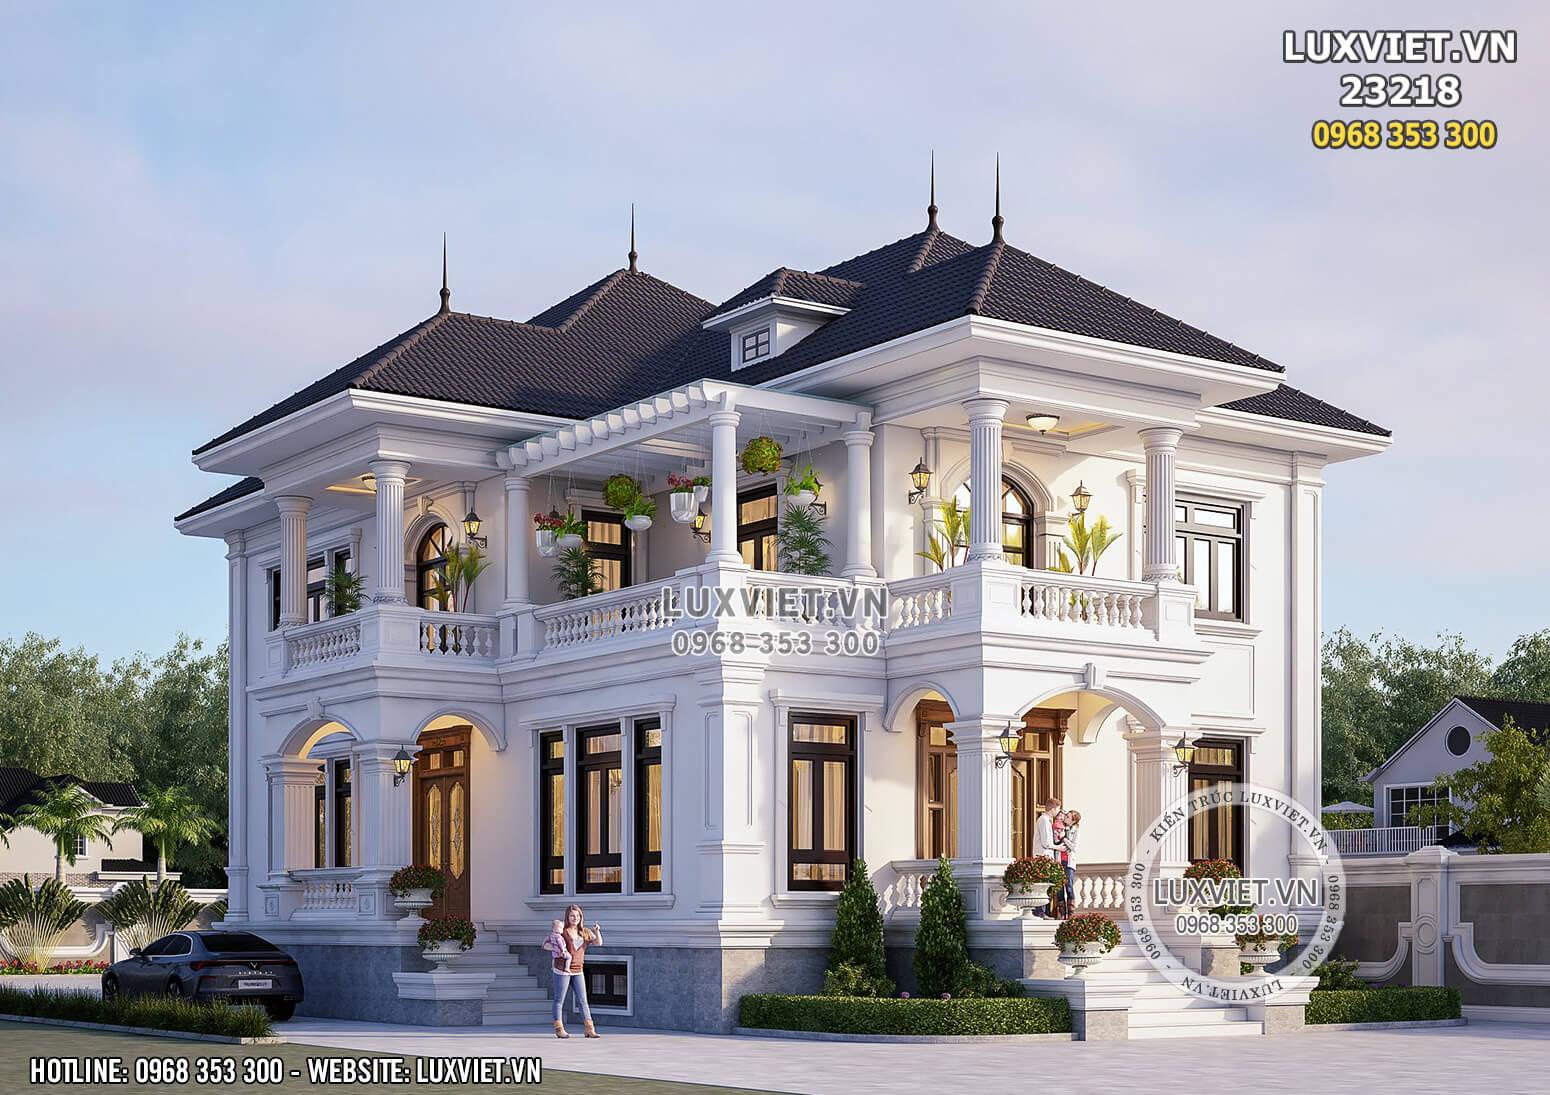 Hình ảnh: Biệt thự 2 tầng đẹp